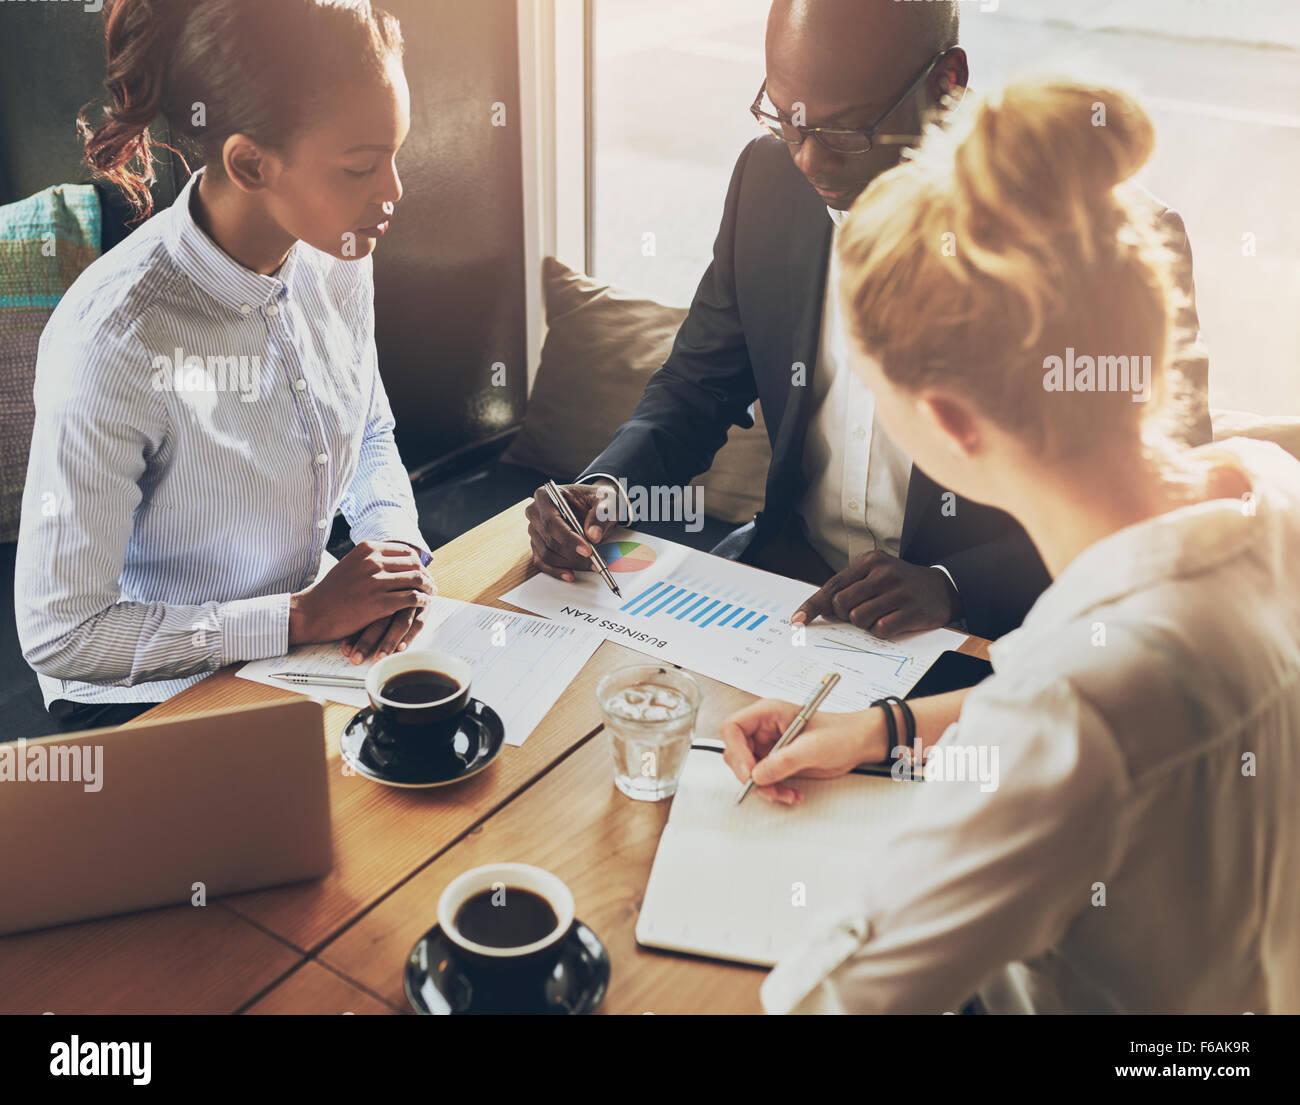 Les gens d'affaires de discuter les tableaux et graphiques présentant les résultats de la réussite Photo Stock